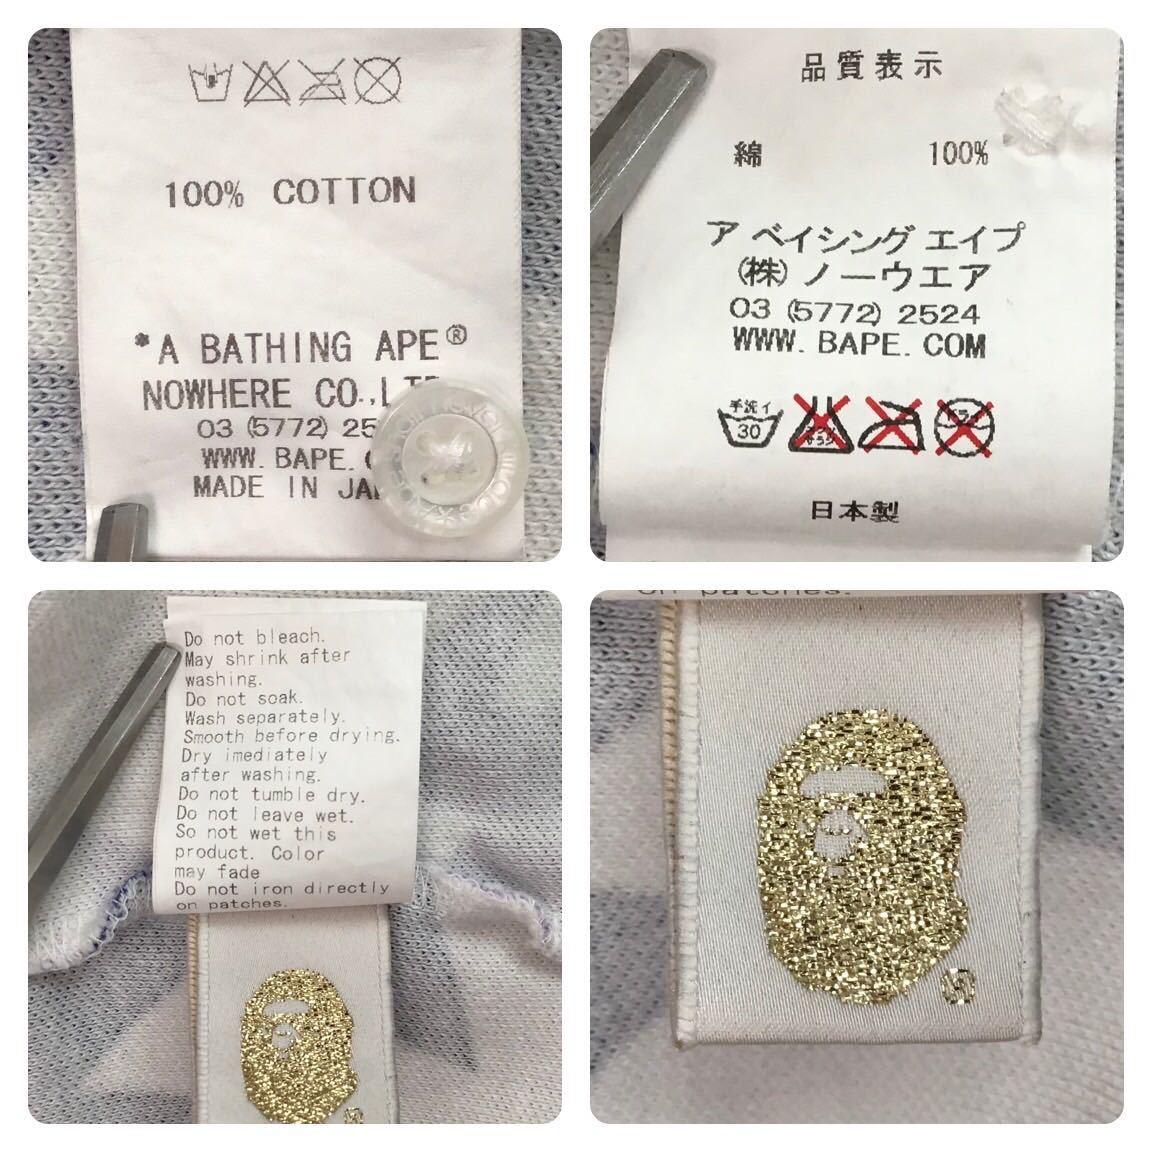 ★静岡限定★ Shizuoka limited star ポロシャツ Mサイズ a bathing ape bape sta エイプ ベイプ スター アベイシングエイプ star pr52